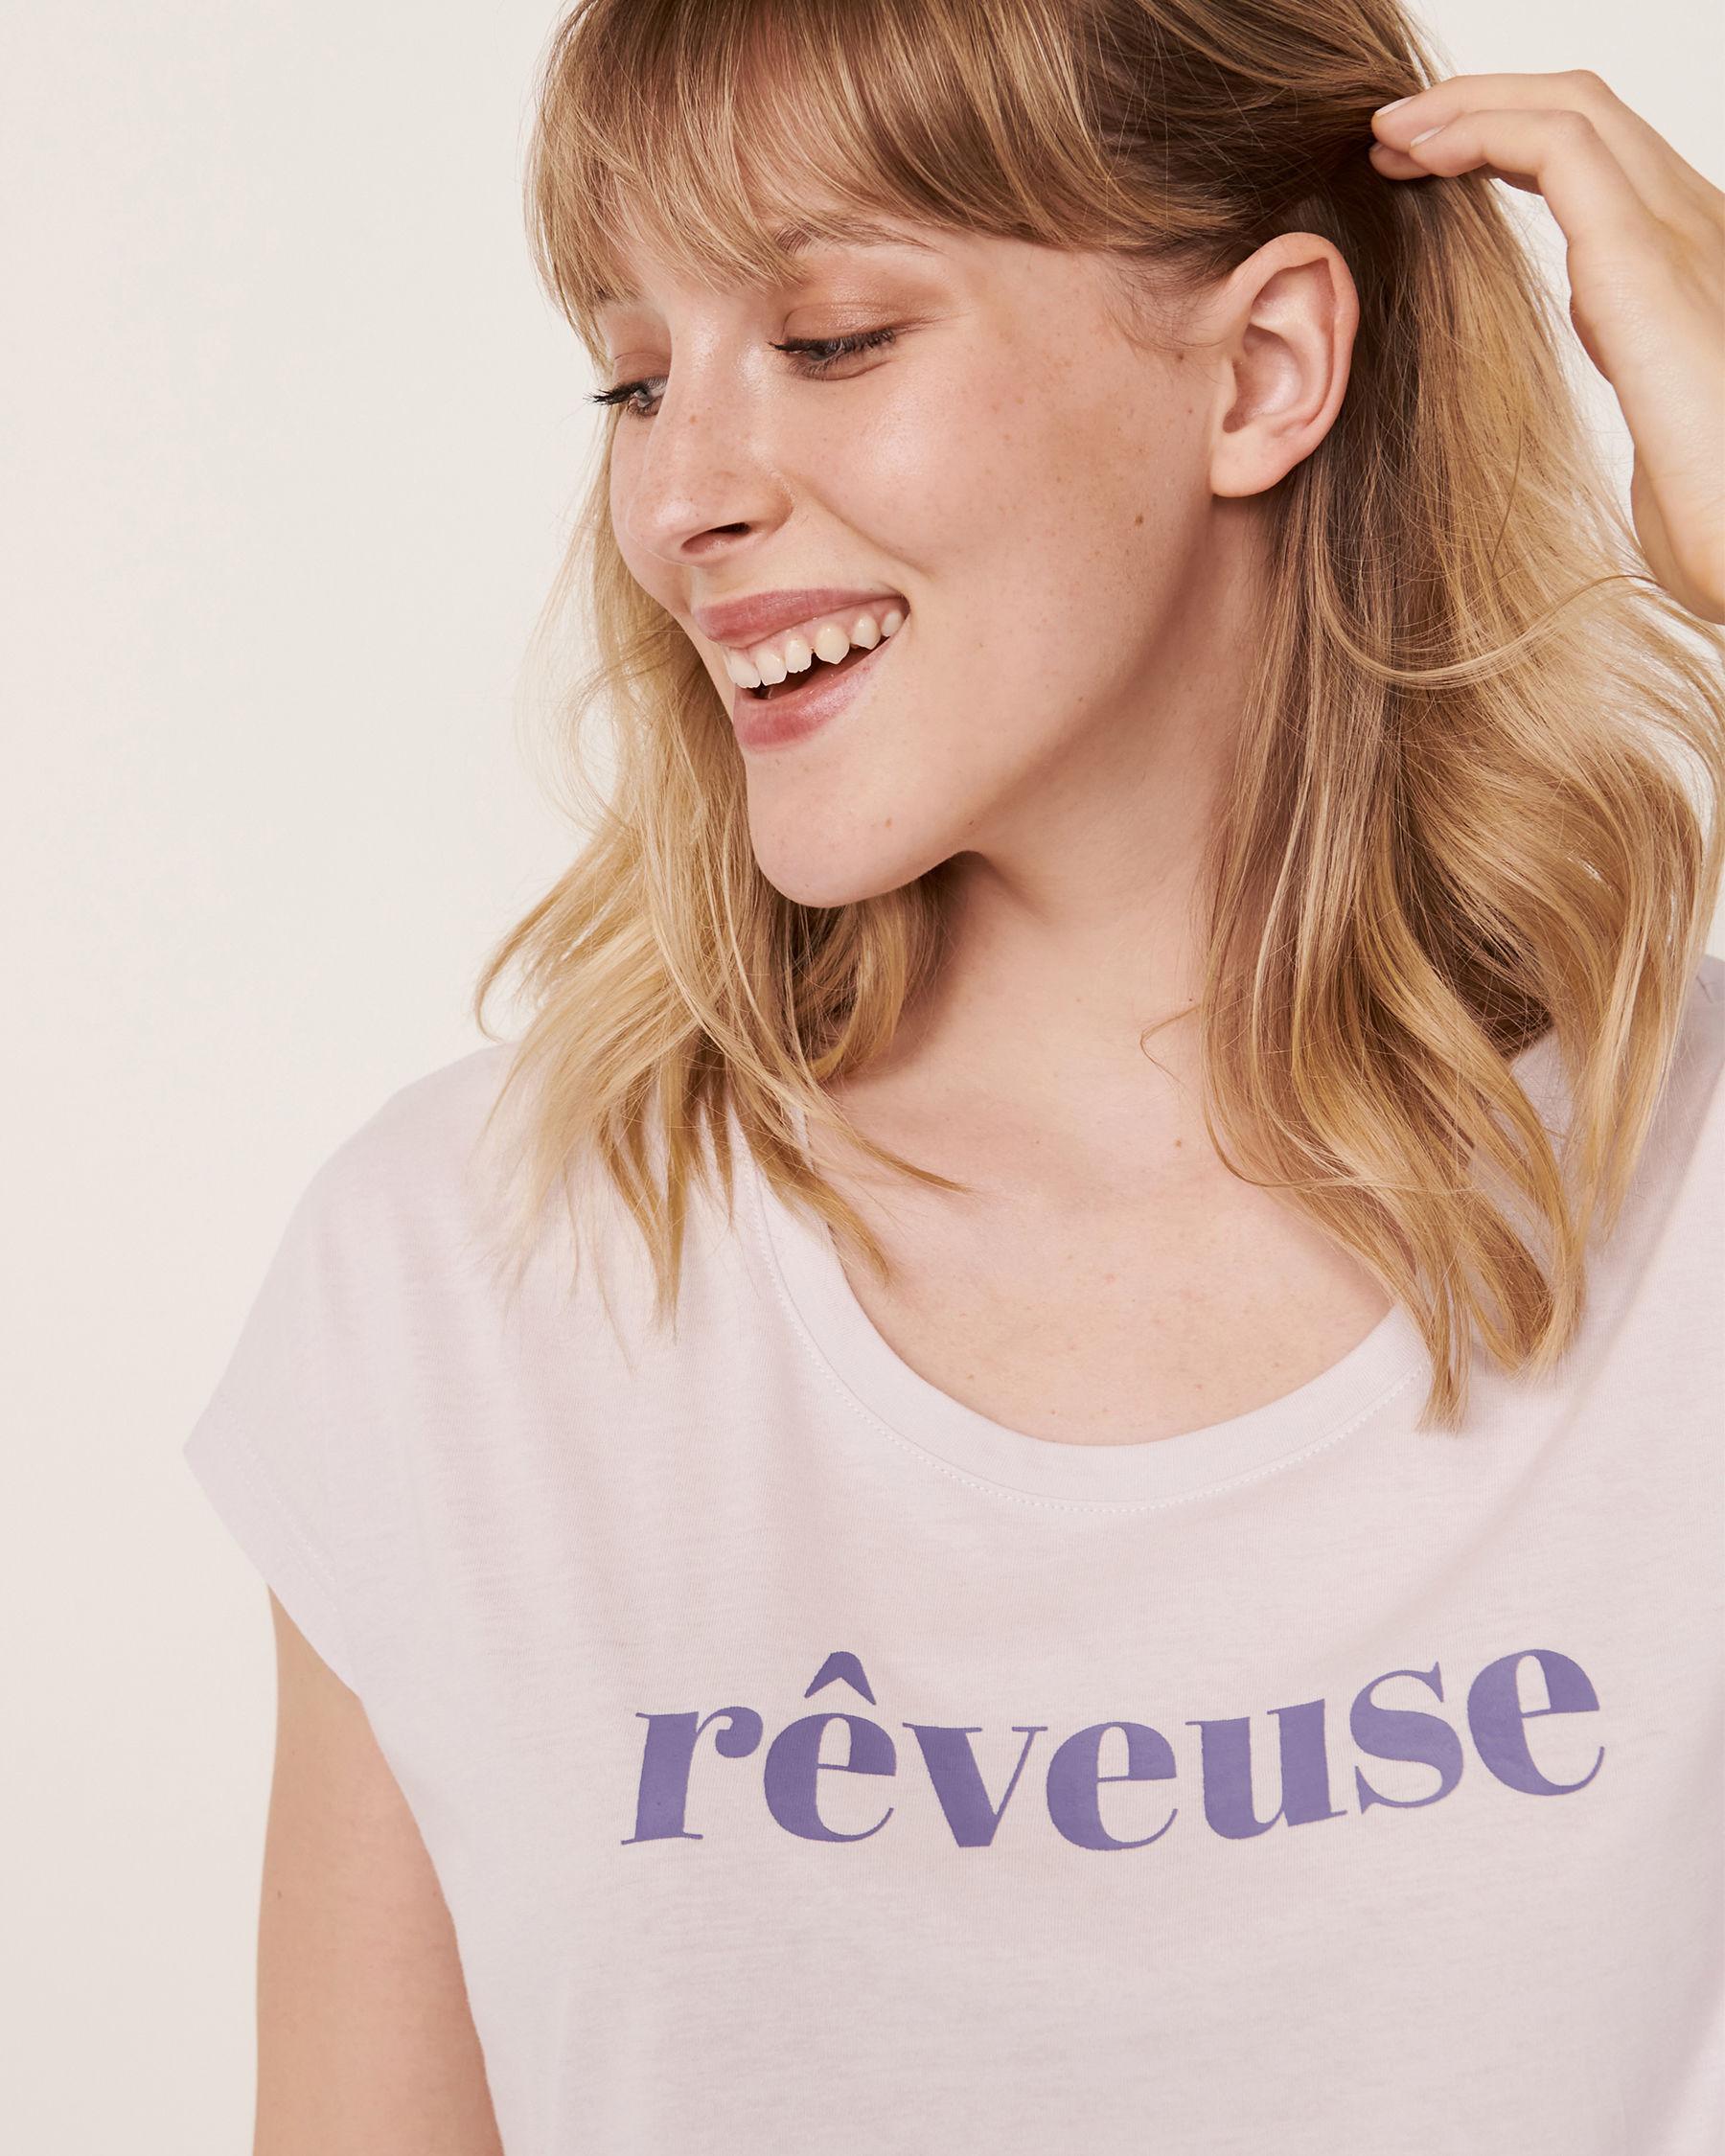 LA VIE EN ROSE Scoop Neck Short Sleeve Sleepshirt Lavender 40500104 - View3